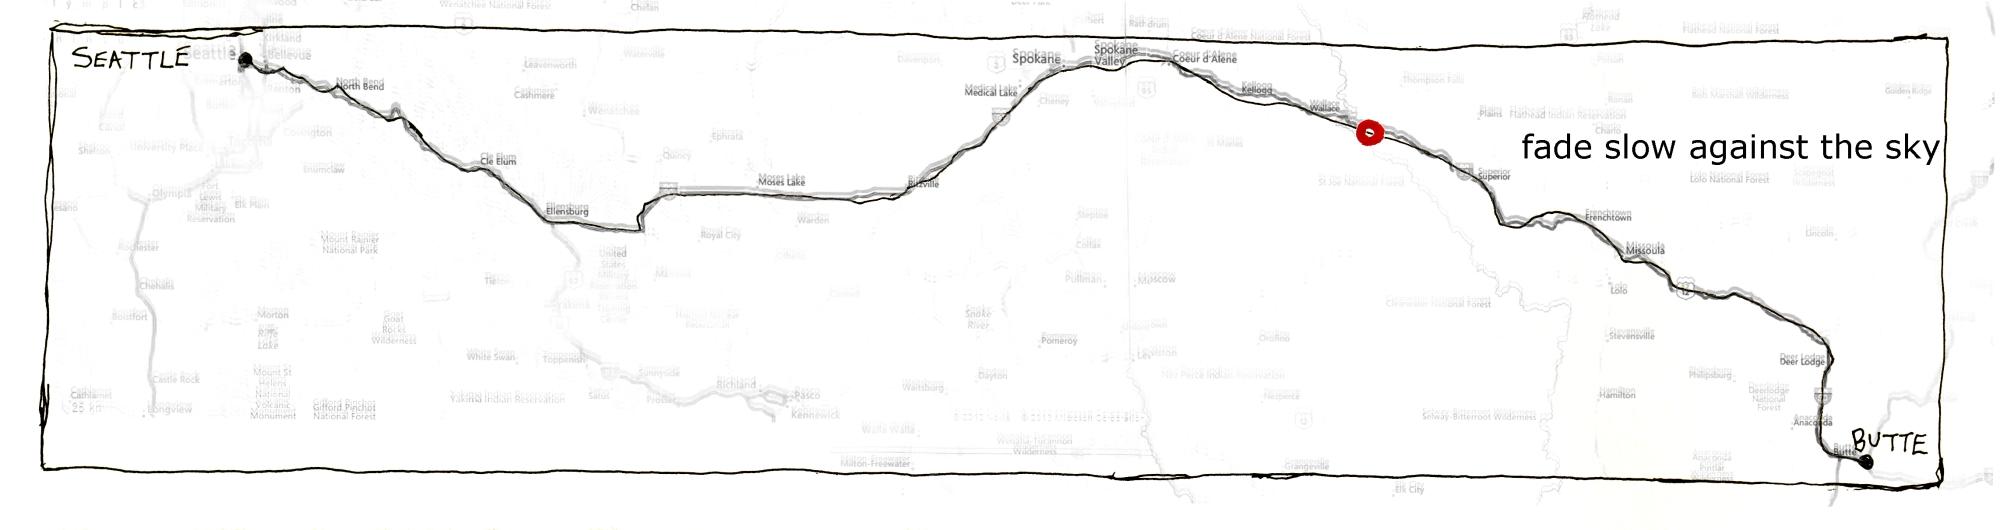 363 map